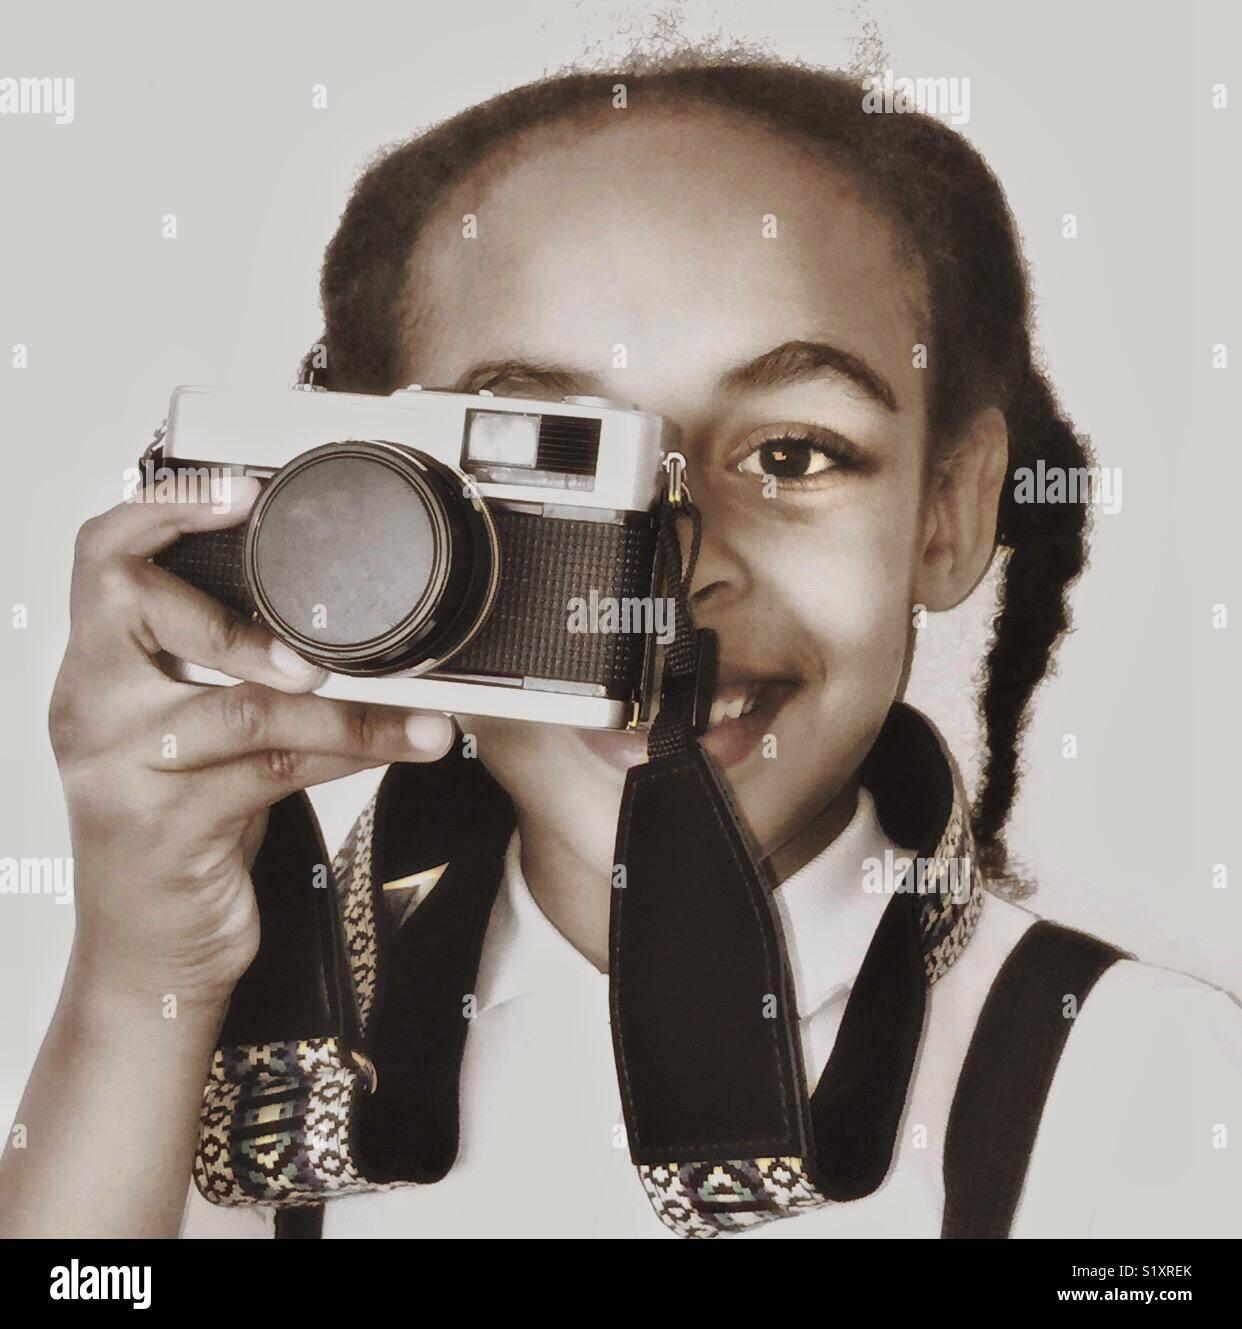 Una giovane ragazza con una fotocamera vintage al suo occhio. Immagini Stock